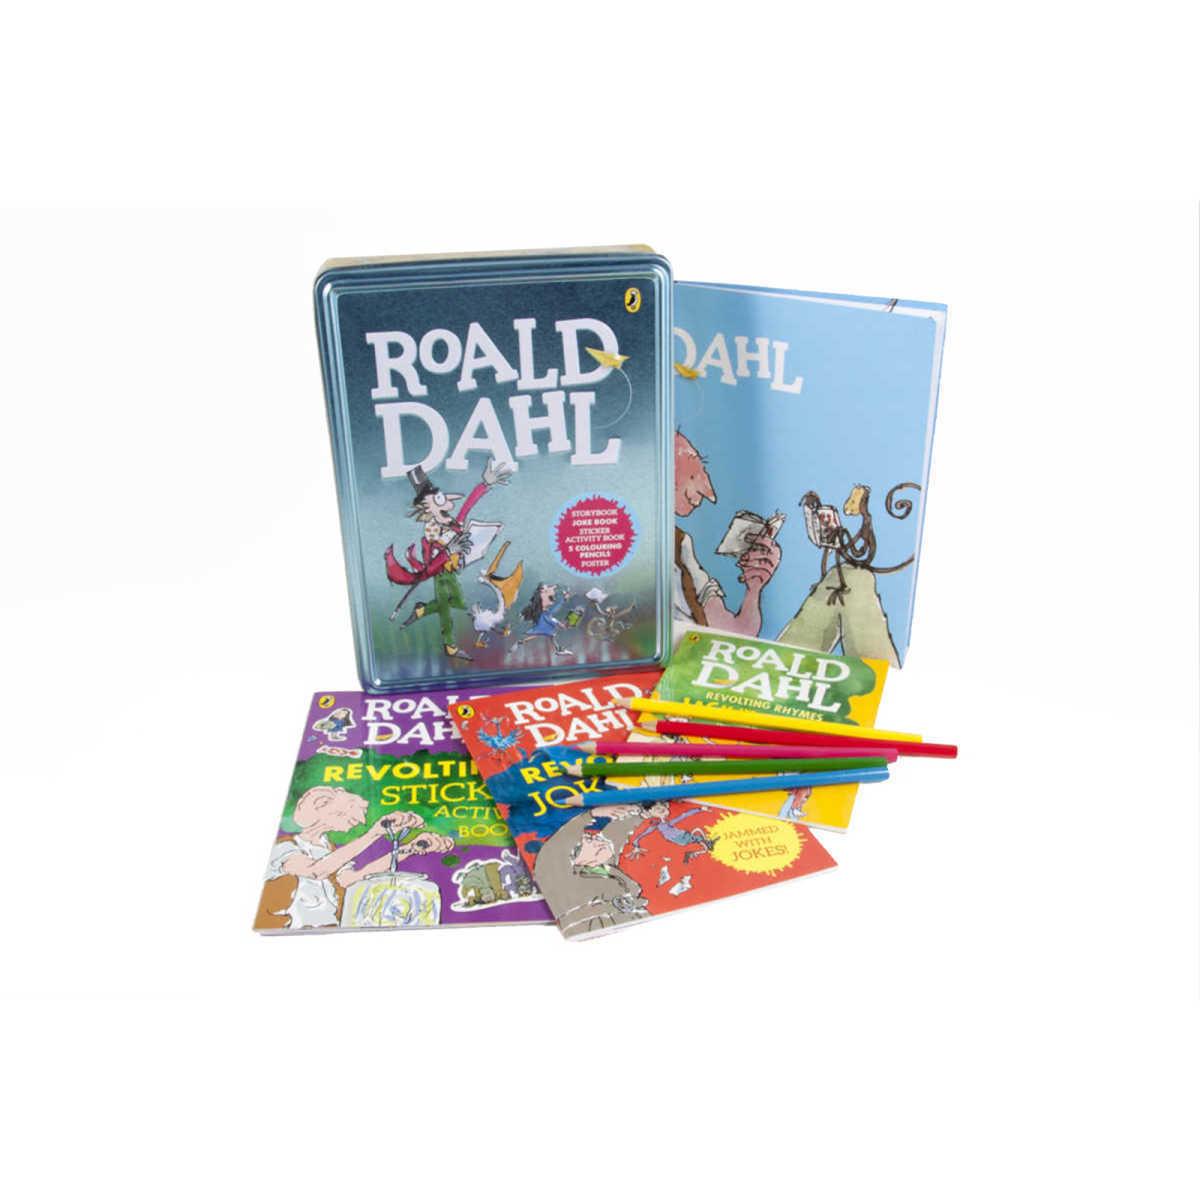 로알드달 북 & 틴케이스 세트 Roald Dahl Book and Tin (책 3권 + 틴케이스, 영국판)